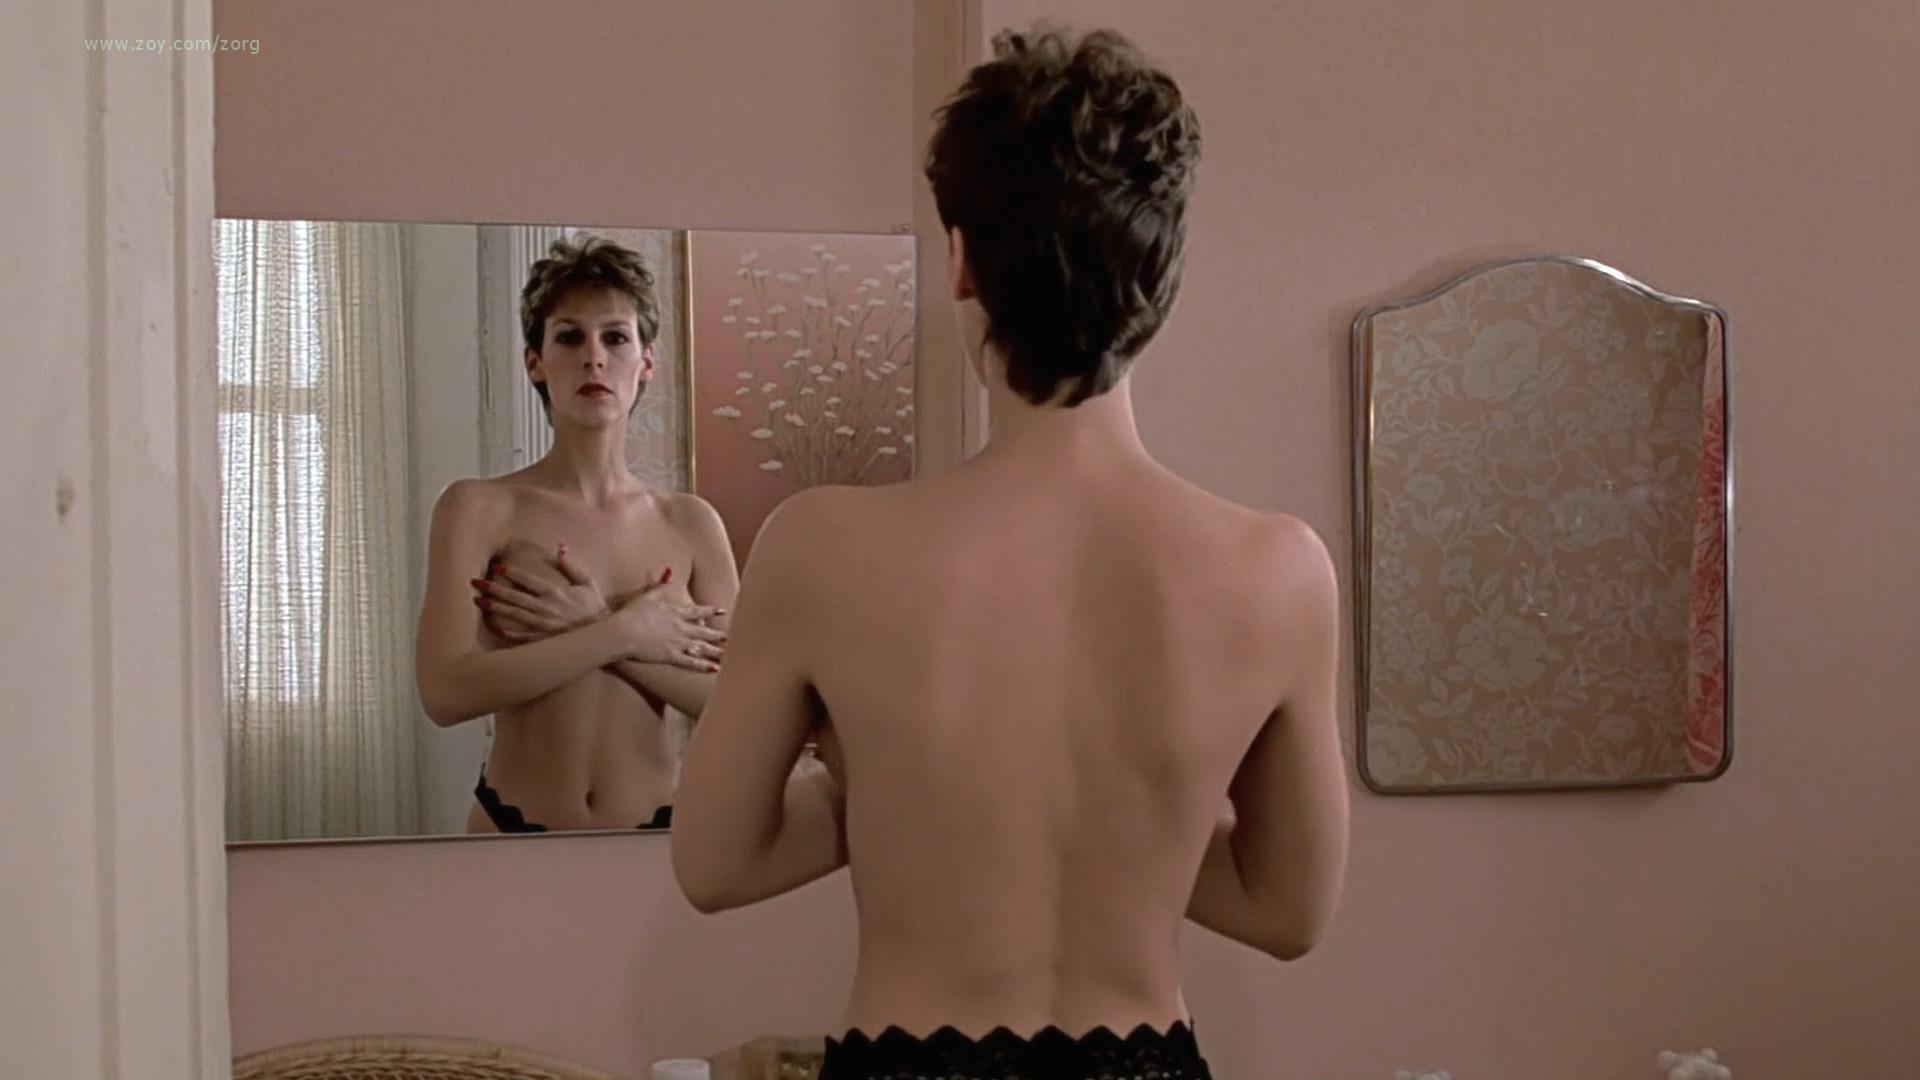 jamie lee curtis topless images